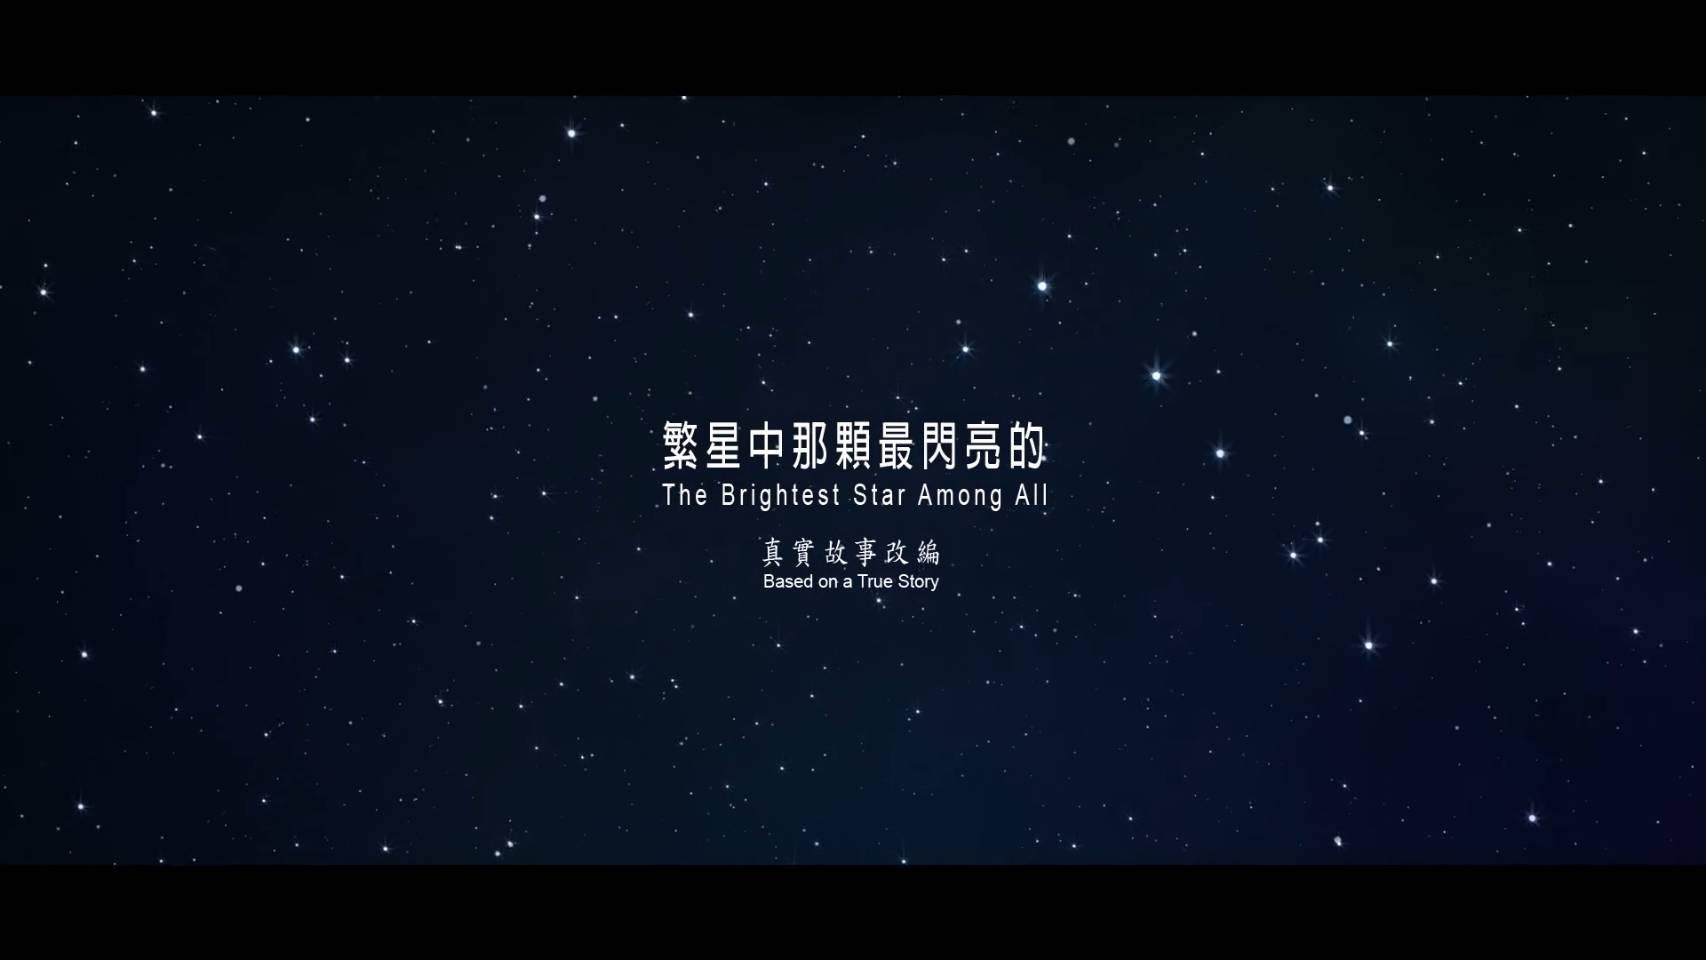 2018康寧大學微電影-01繁星中那顆最閃亮的The Brightest Star Among All